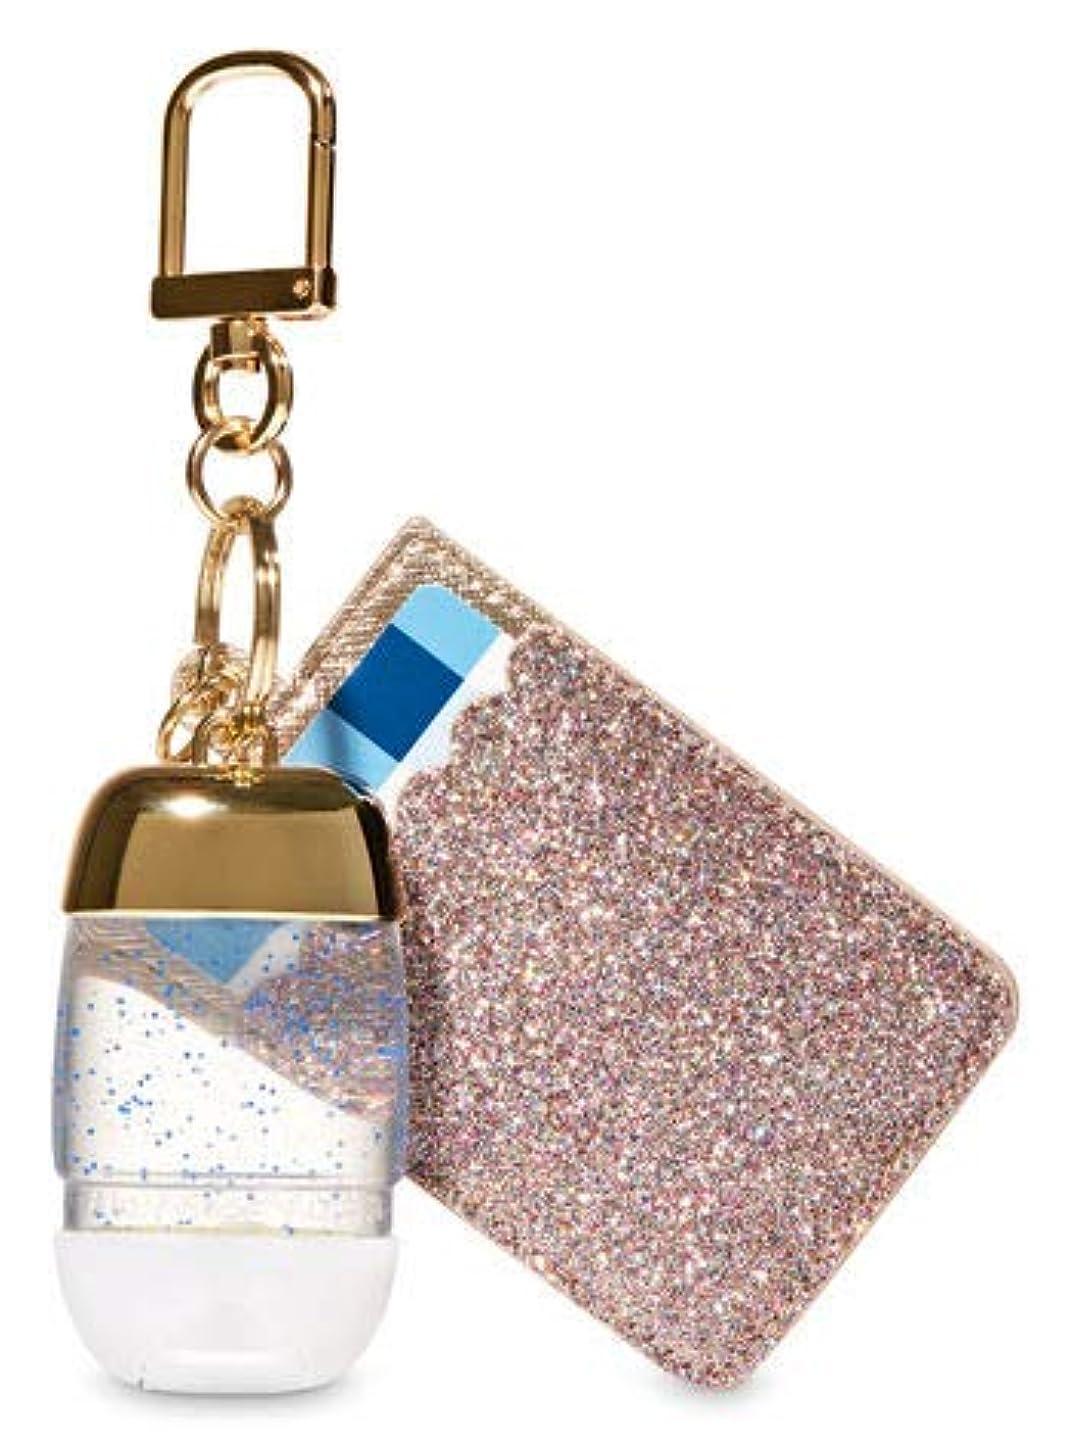 ベックスマークされたコンパニオン【Bath&Body Works/バス&ボディワークス】 抗菌ハンドジェルホルダー カードケース グリッターゴールド Credit Card & PocketBac Holder Glitterly Gold [並行輸入品]